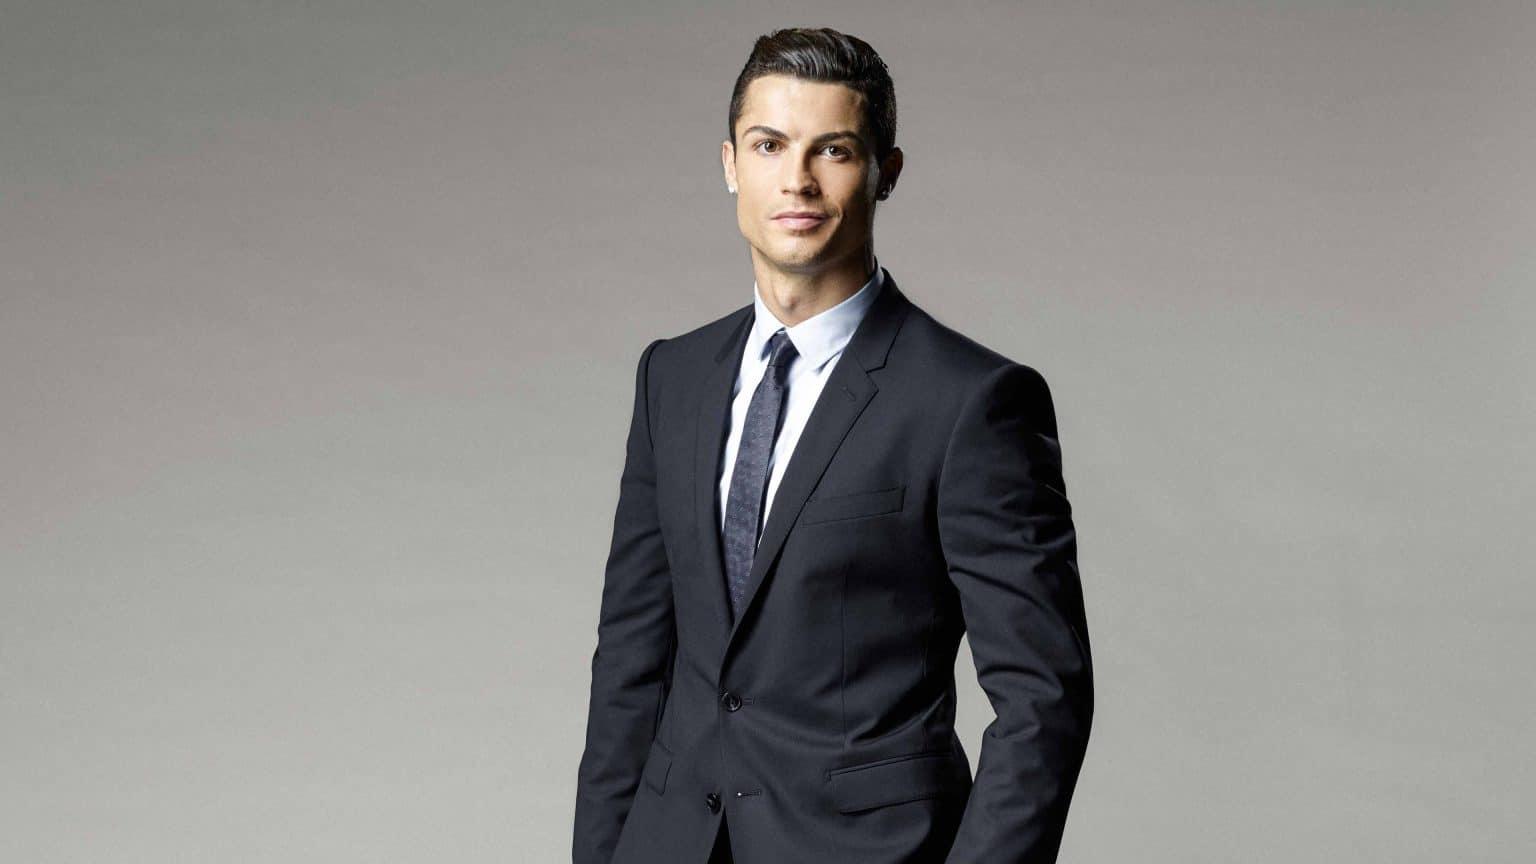 Chiêm Ngưỡng 3000 Hình ảnh Ronaldo đẹp Nhất Thế Giới 25